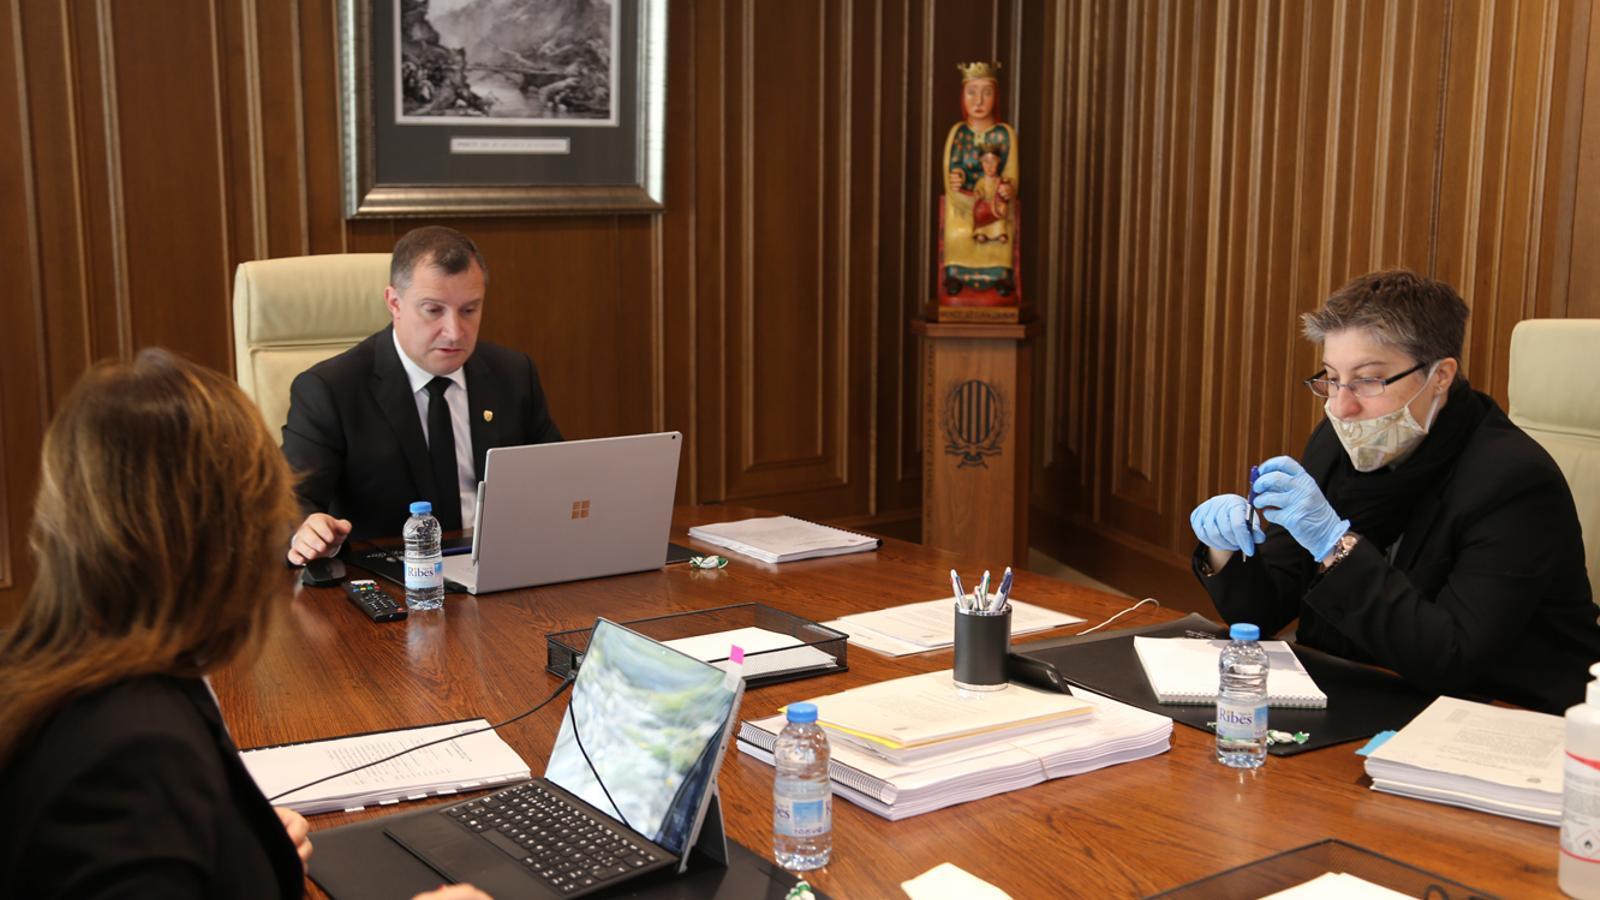 Un moment de la sessió de consell de comú de Sant Julià de Lòria celebrada aquest dijous de manera telemàtica. / COMÚ DE SANT JULIÀ DE LÒRIA